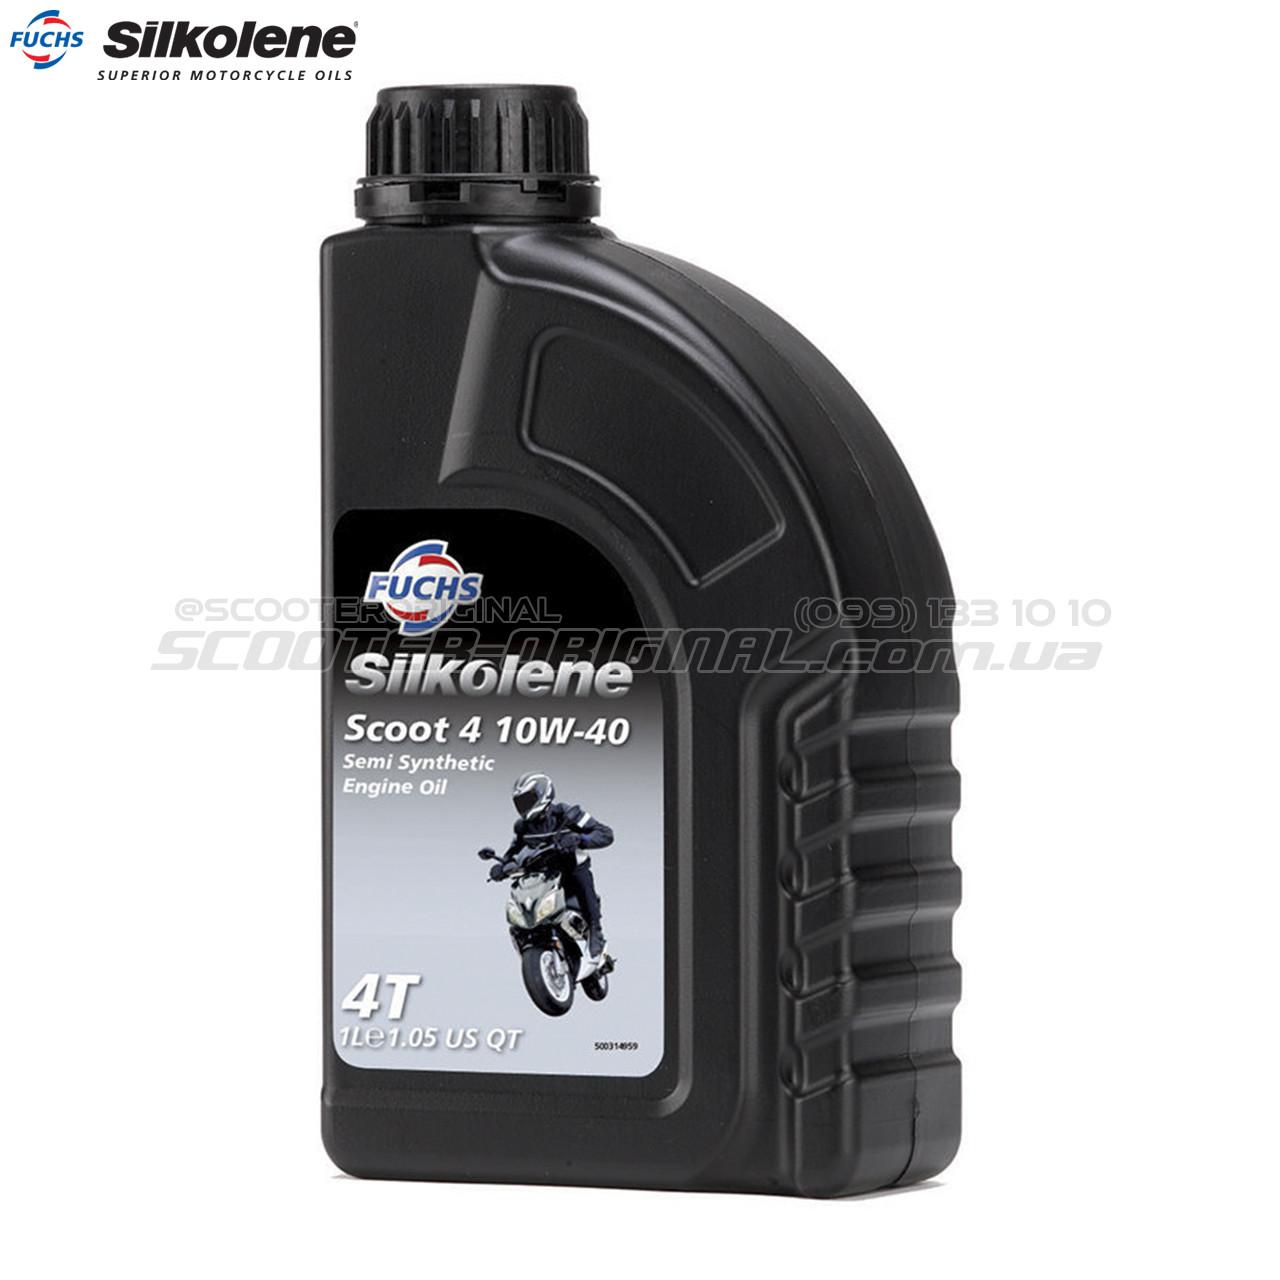 Моторне масло FUCHS SILKOLENE Scoot 4T 10W-40 MA (полусинтетика)